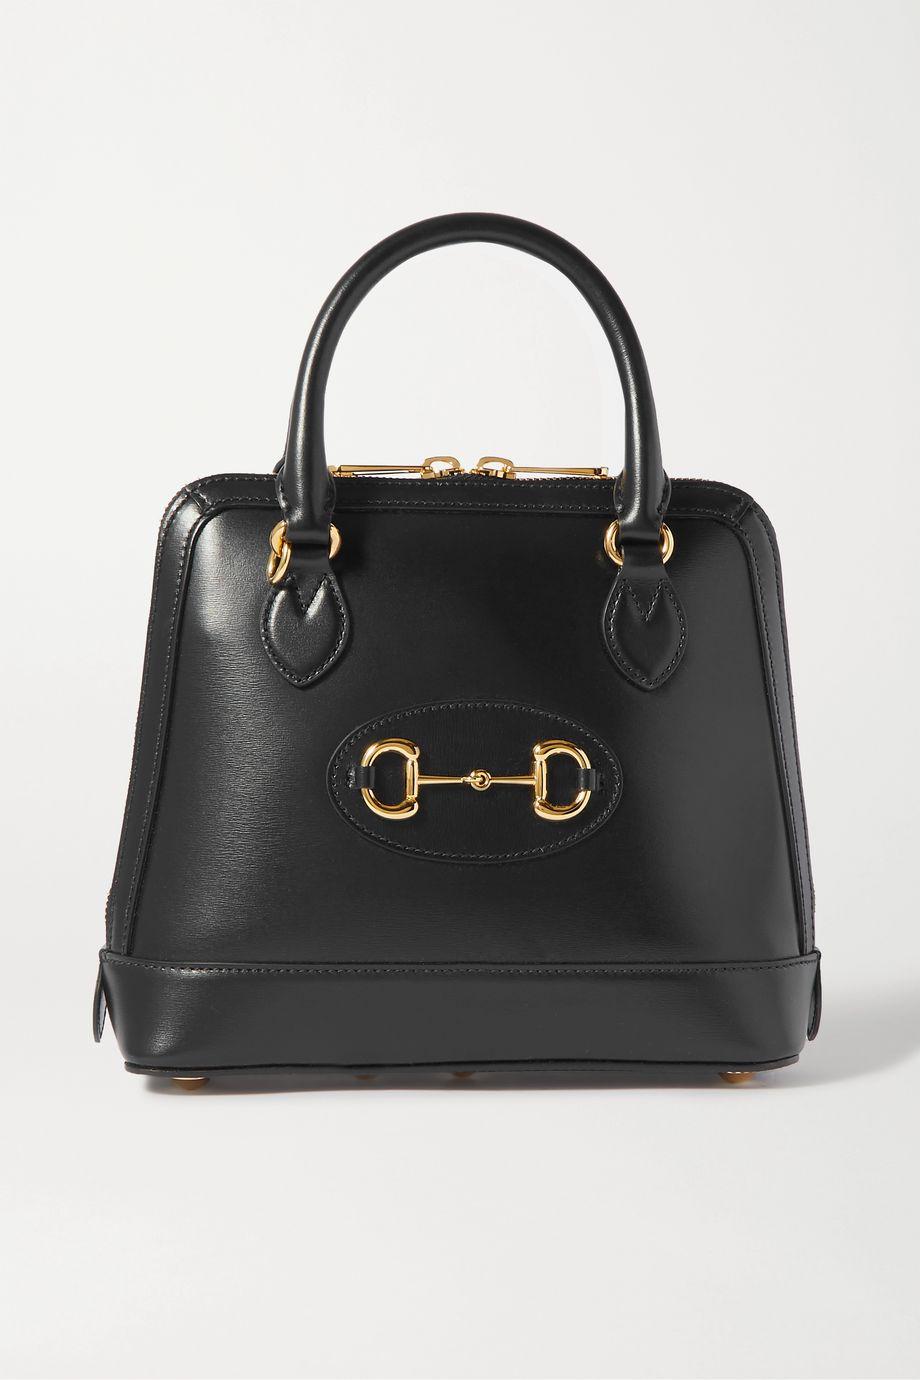 Gucci 1955 Horsebit small leather tote